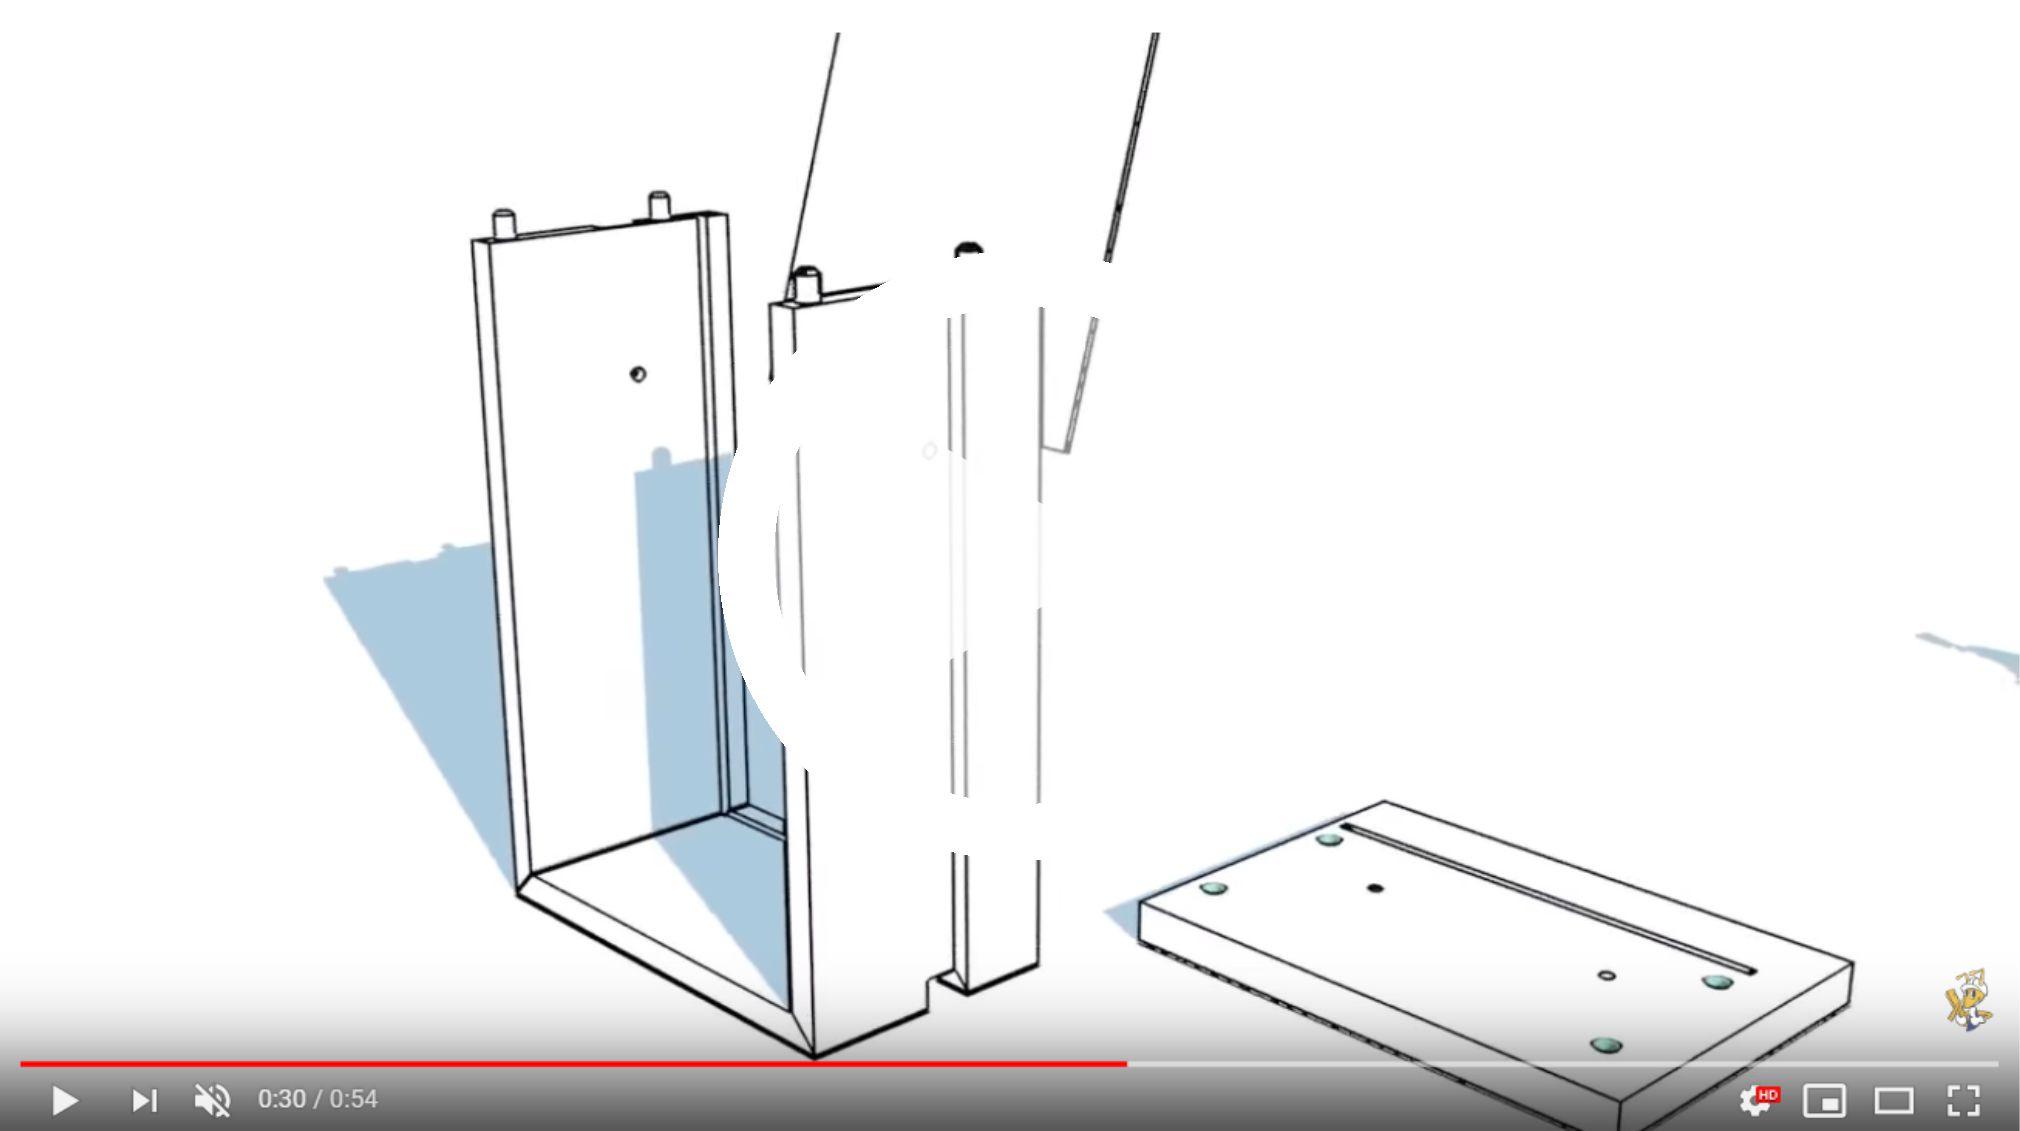 jak-prawidlowo-zamontowac-szuflade-ze-wstega